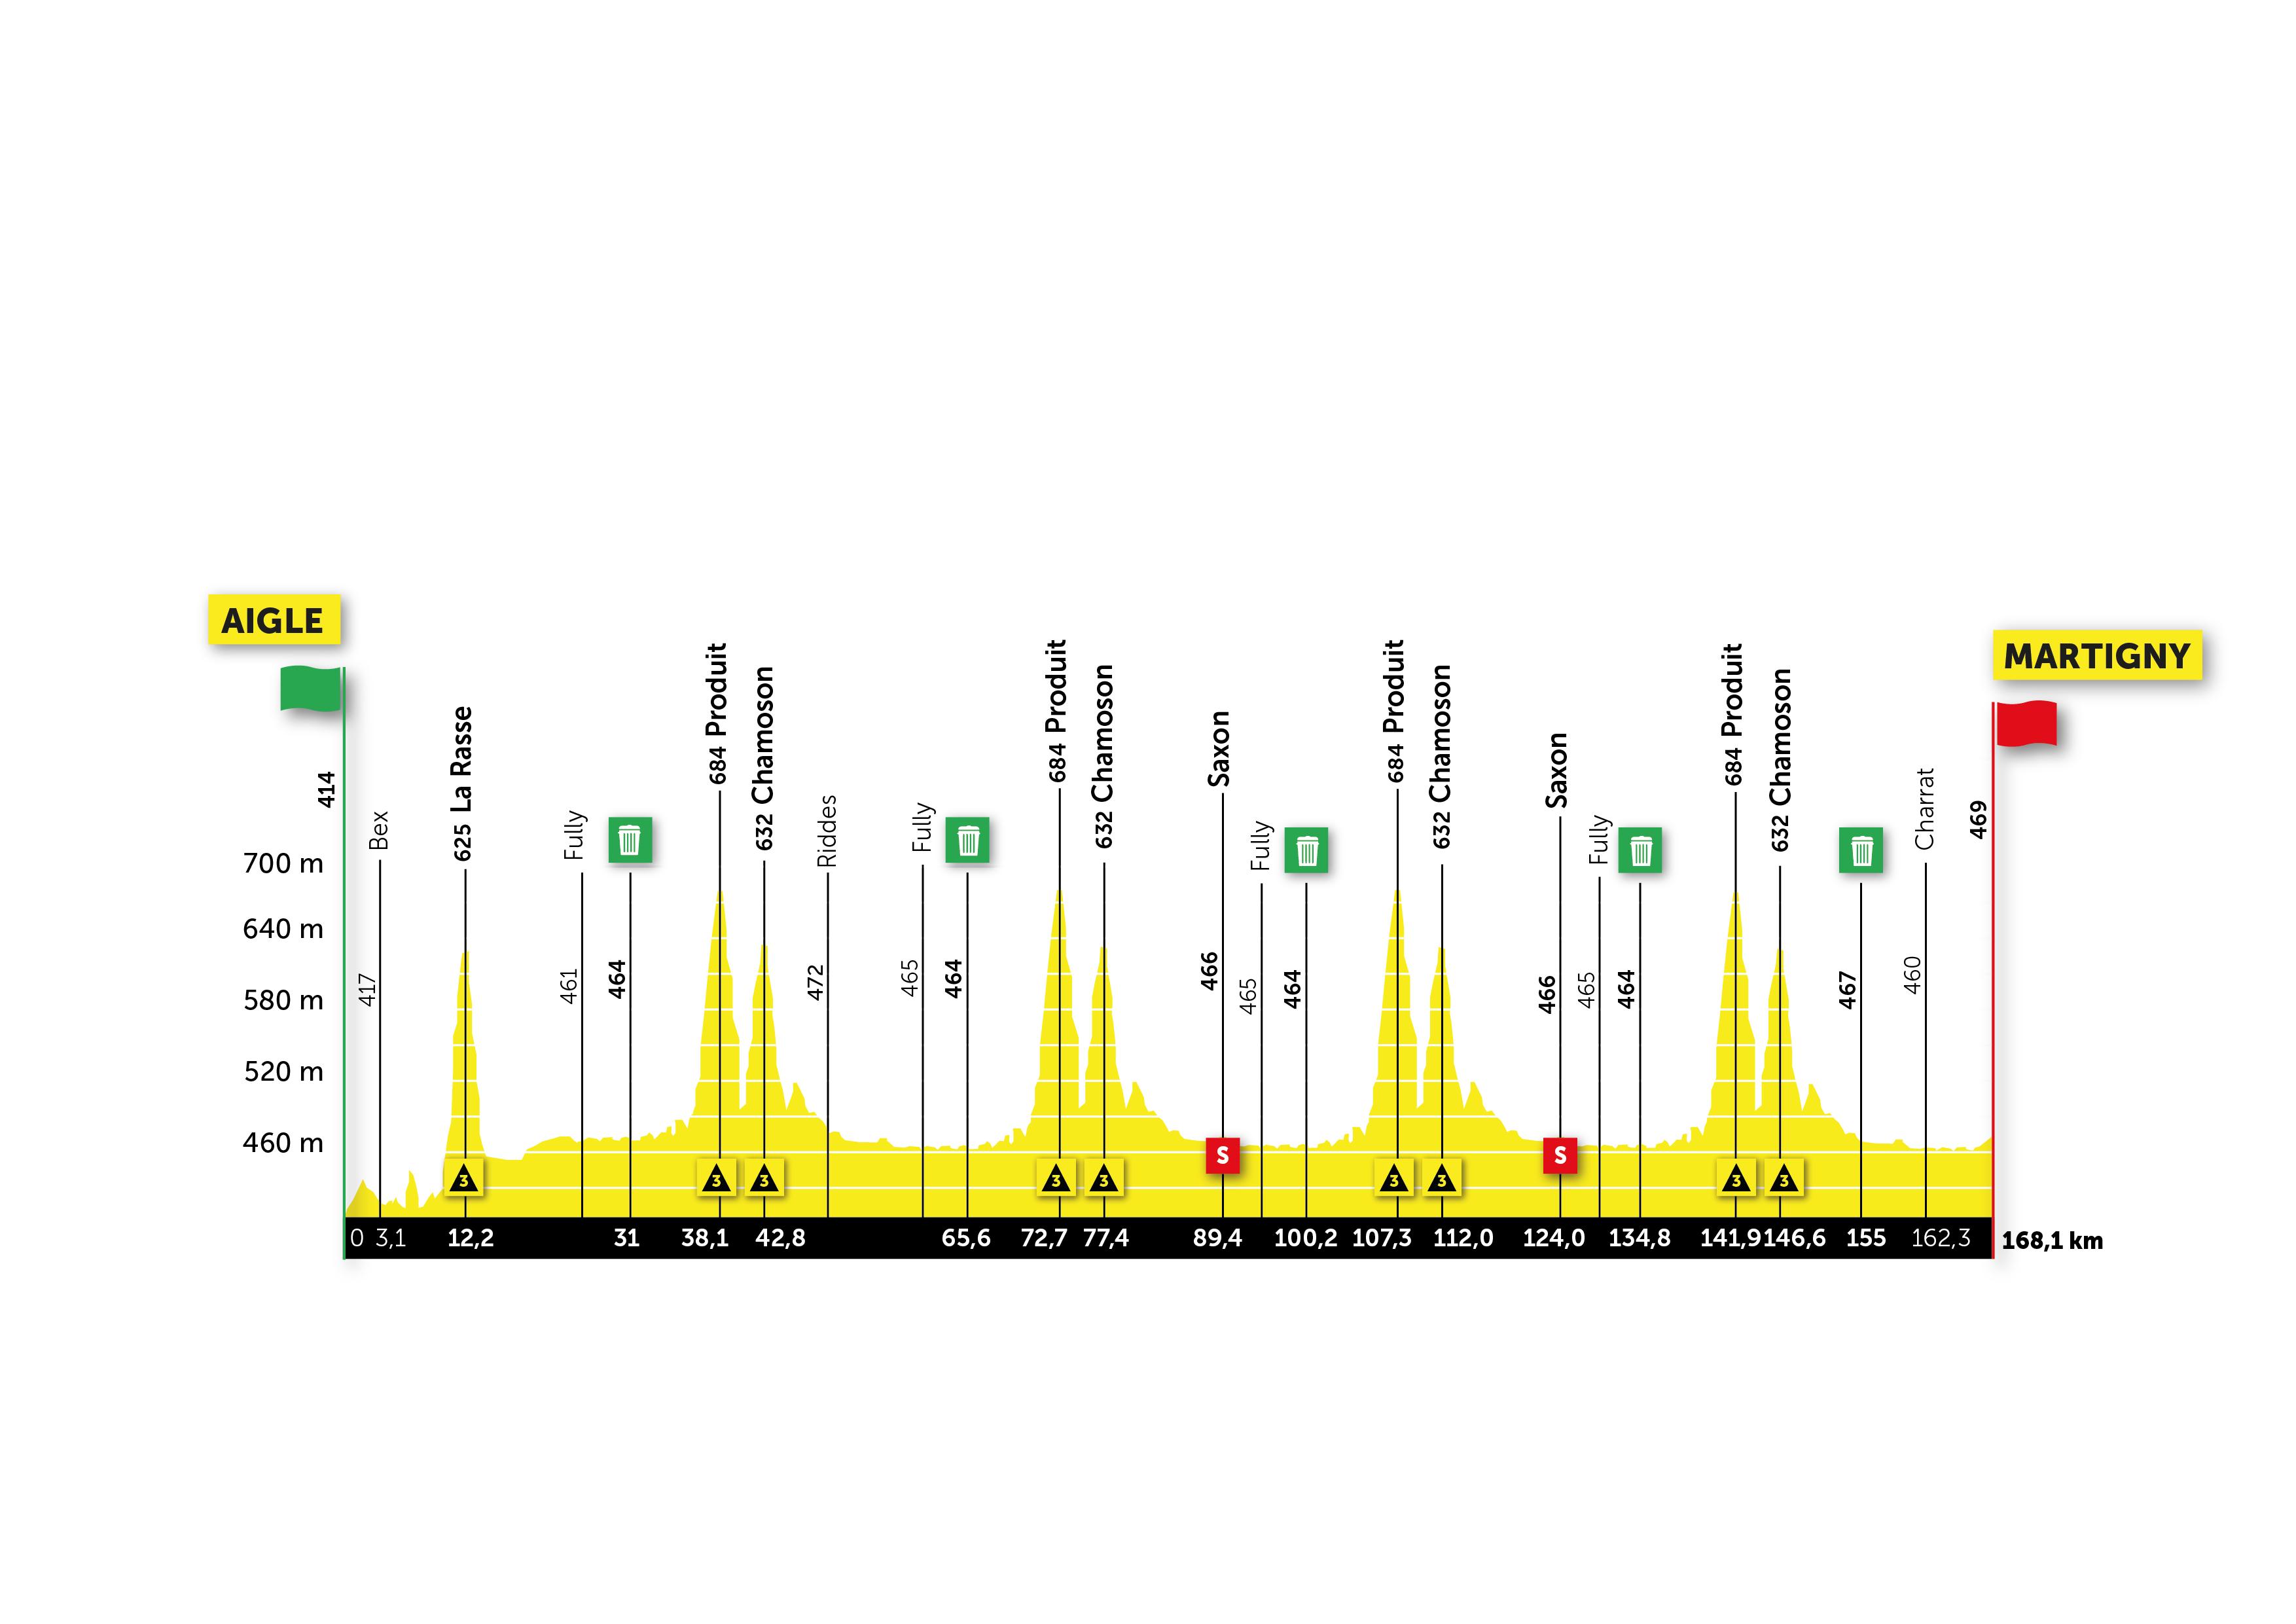 Tour de Romandie stage 1